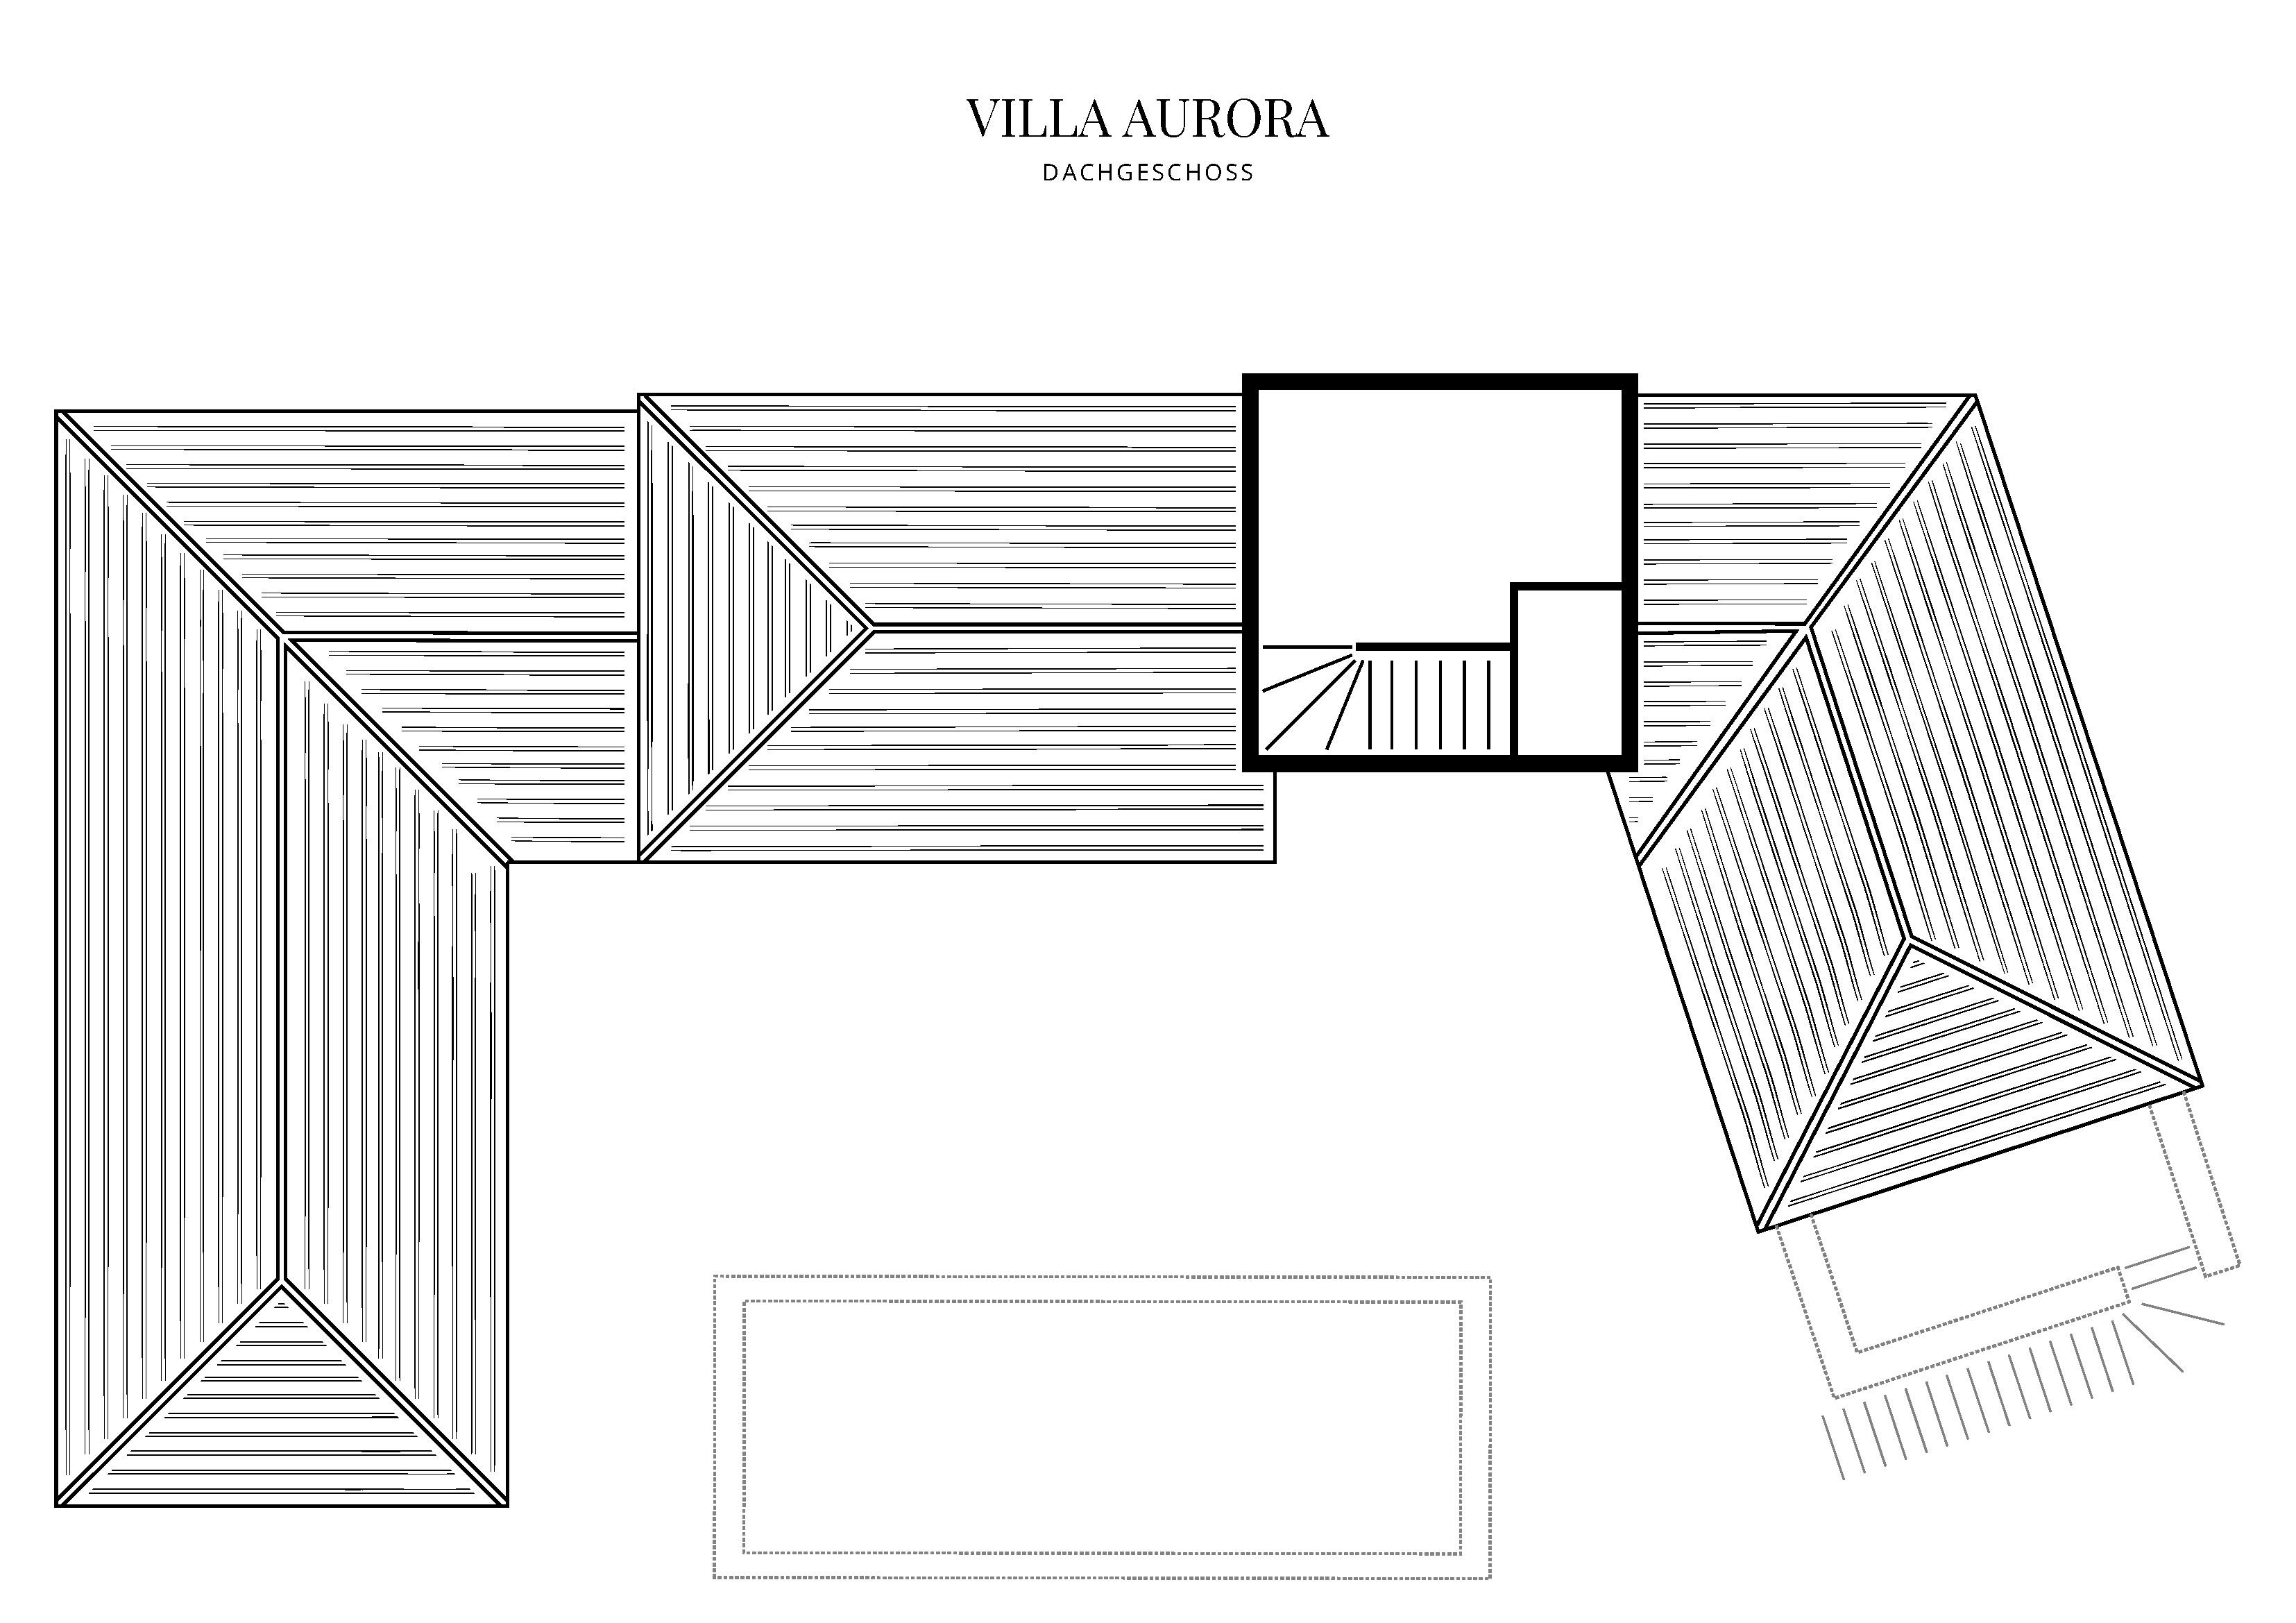 Grafik Grundriss Dachgeschoss Villa Aurora